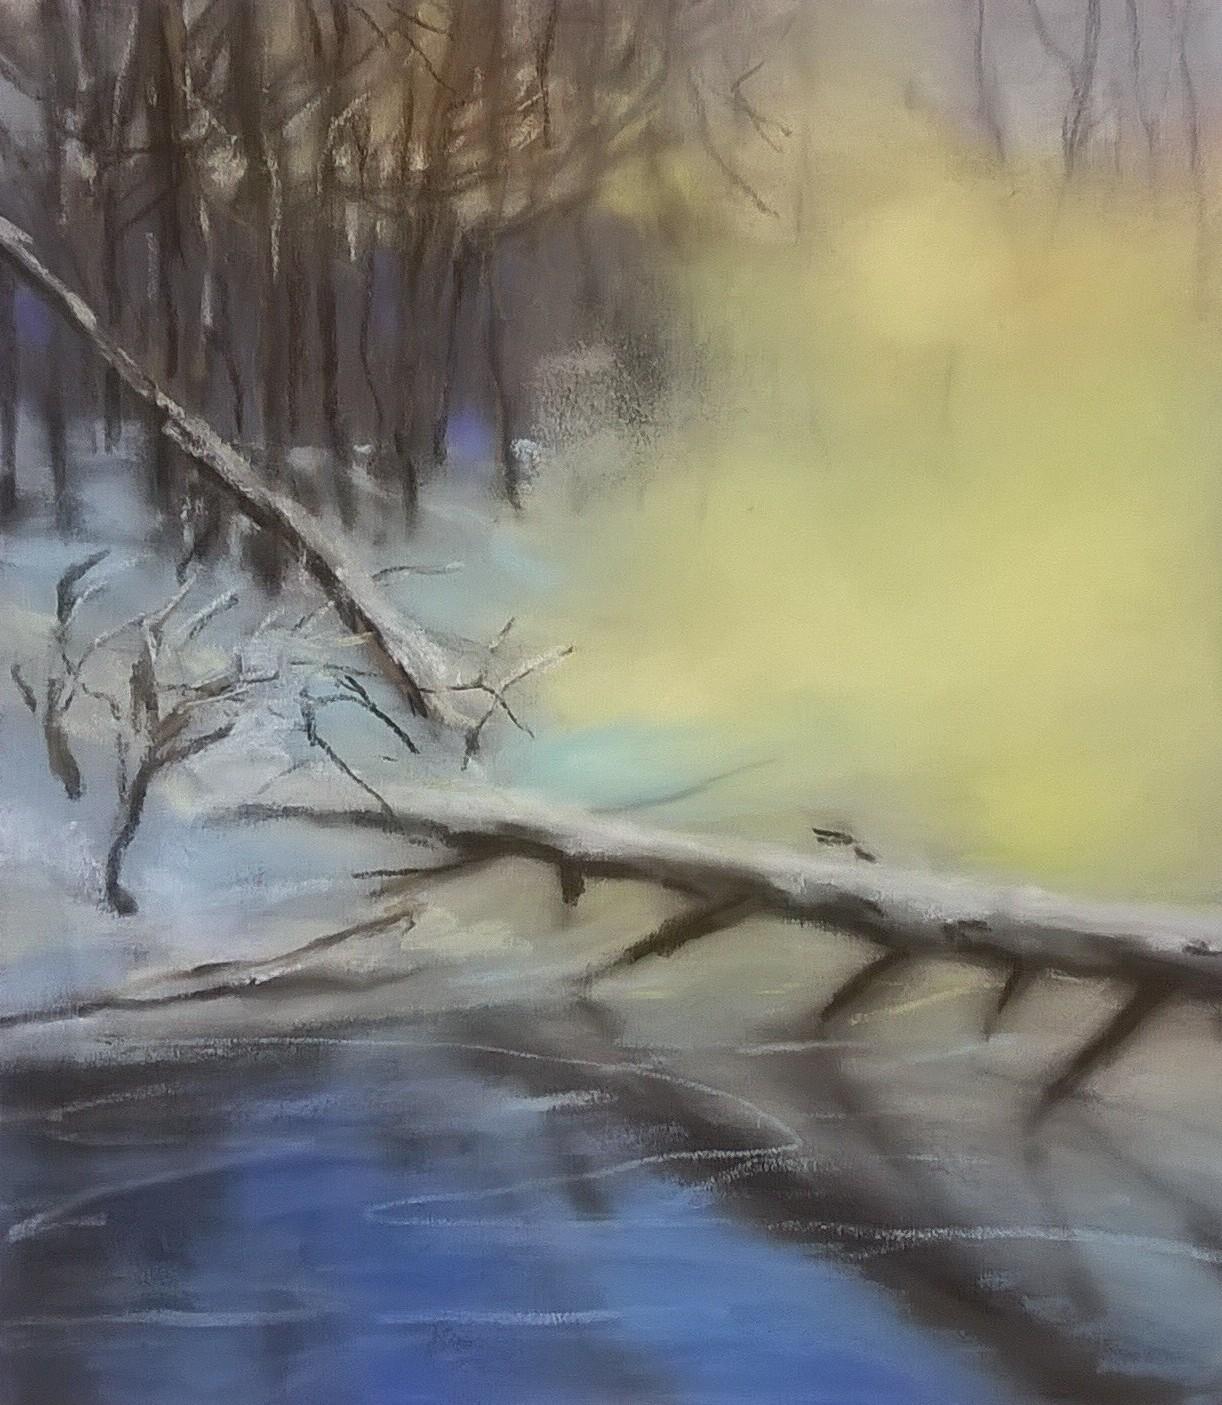 Winter Crossing   Pastel on Copper, 8 x 9 in   17.25 x 18.50 in framed    $850